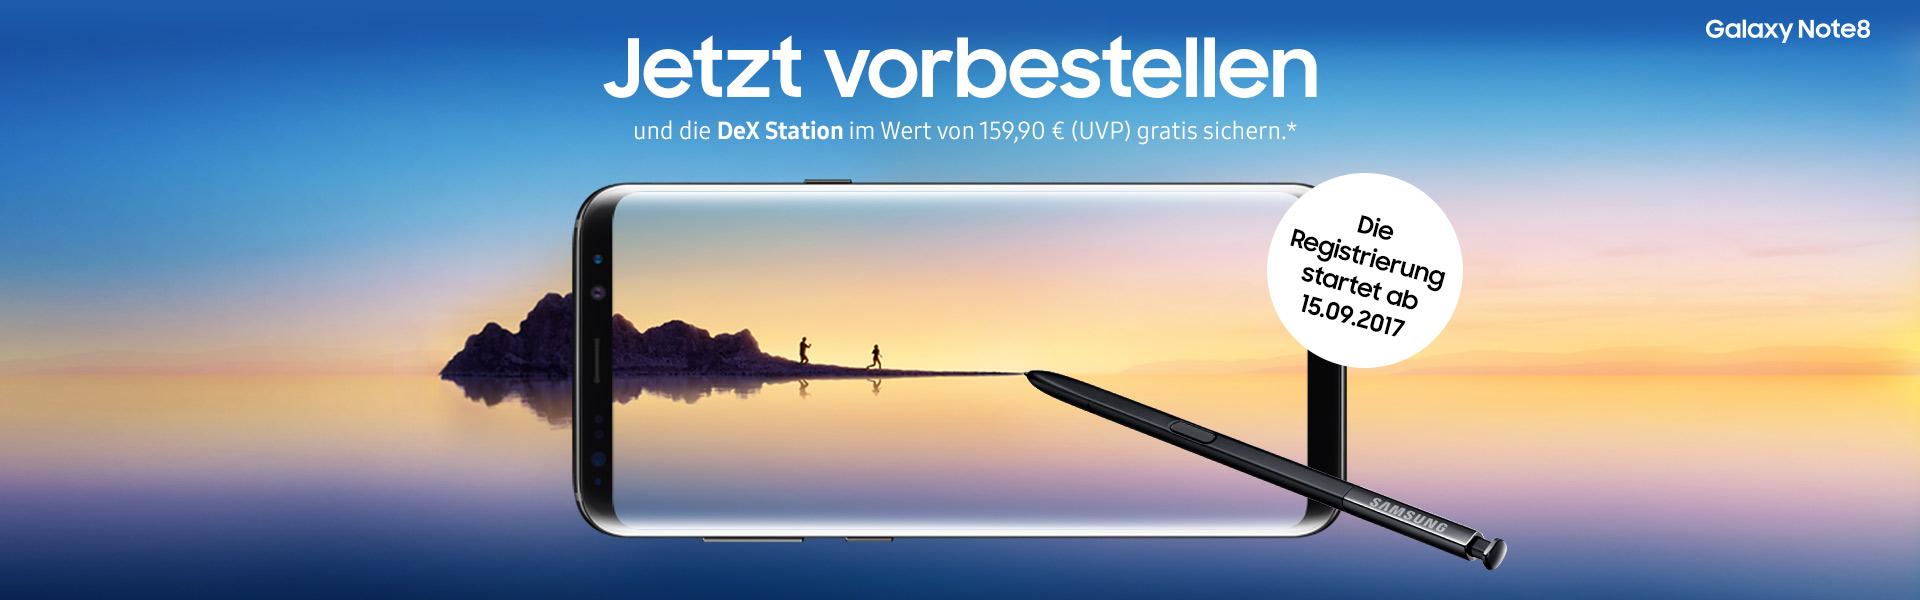 SAMSUNG Galaxy Note8 ohne Vertrag online kaufen | cw-mobile.de